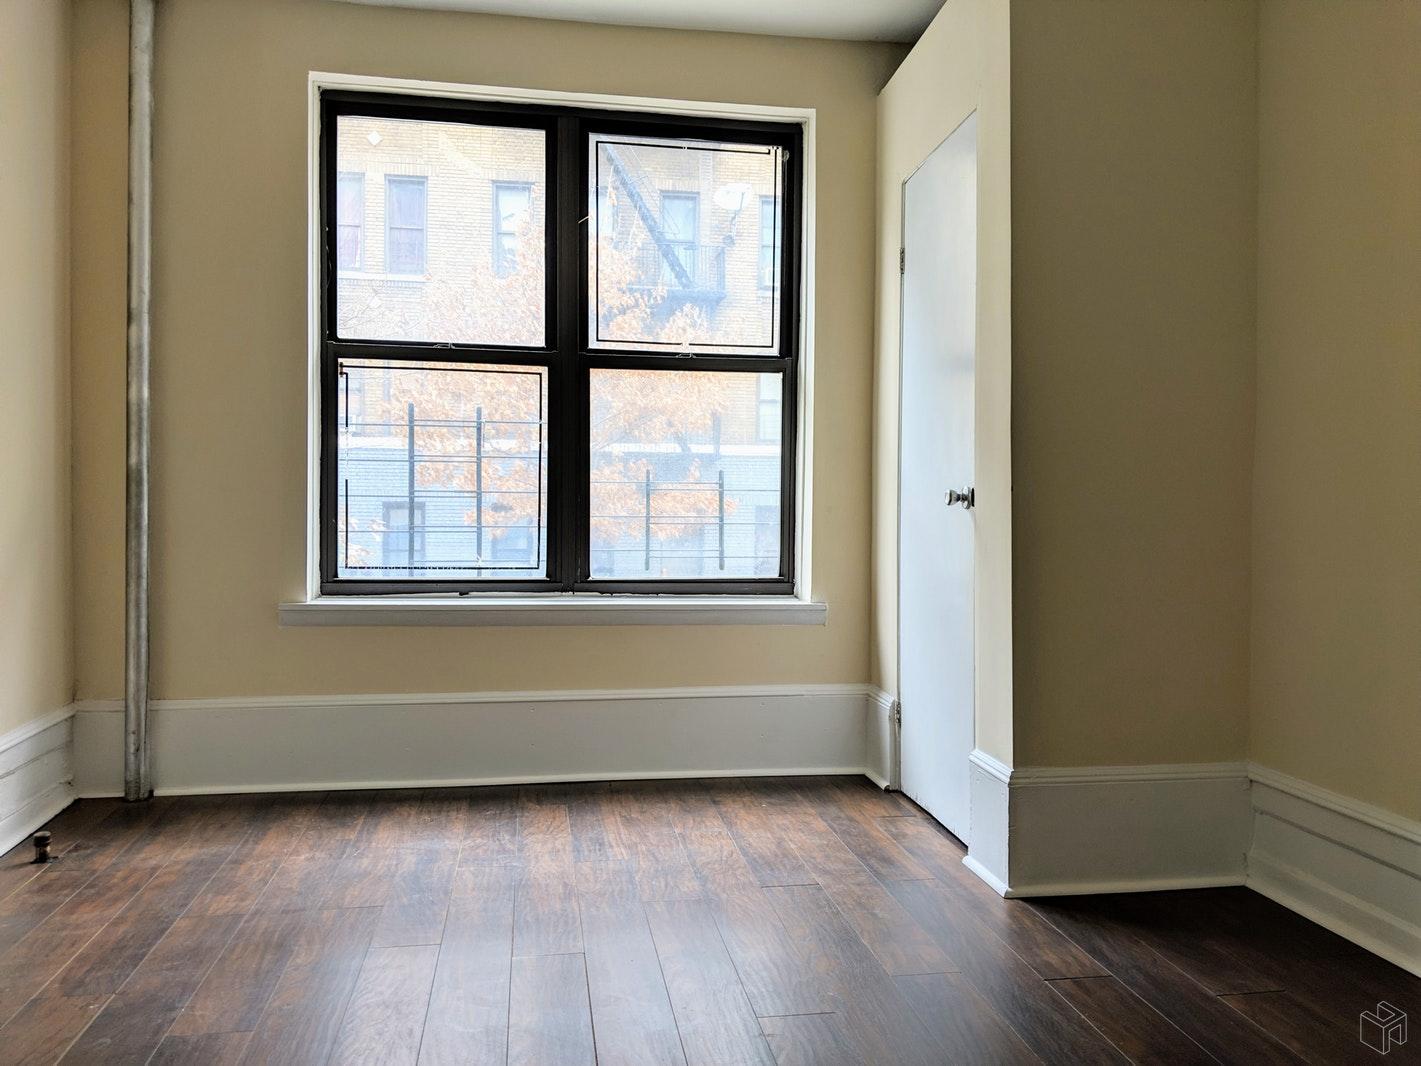 606 WEST 191ST STREET 1A, Washington Heights, $1,895, Web #: 19305527